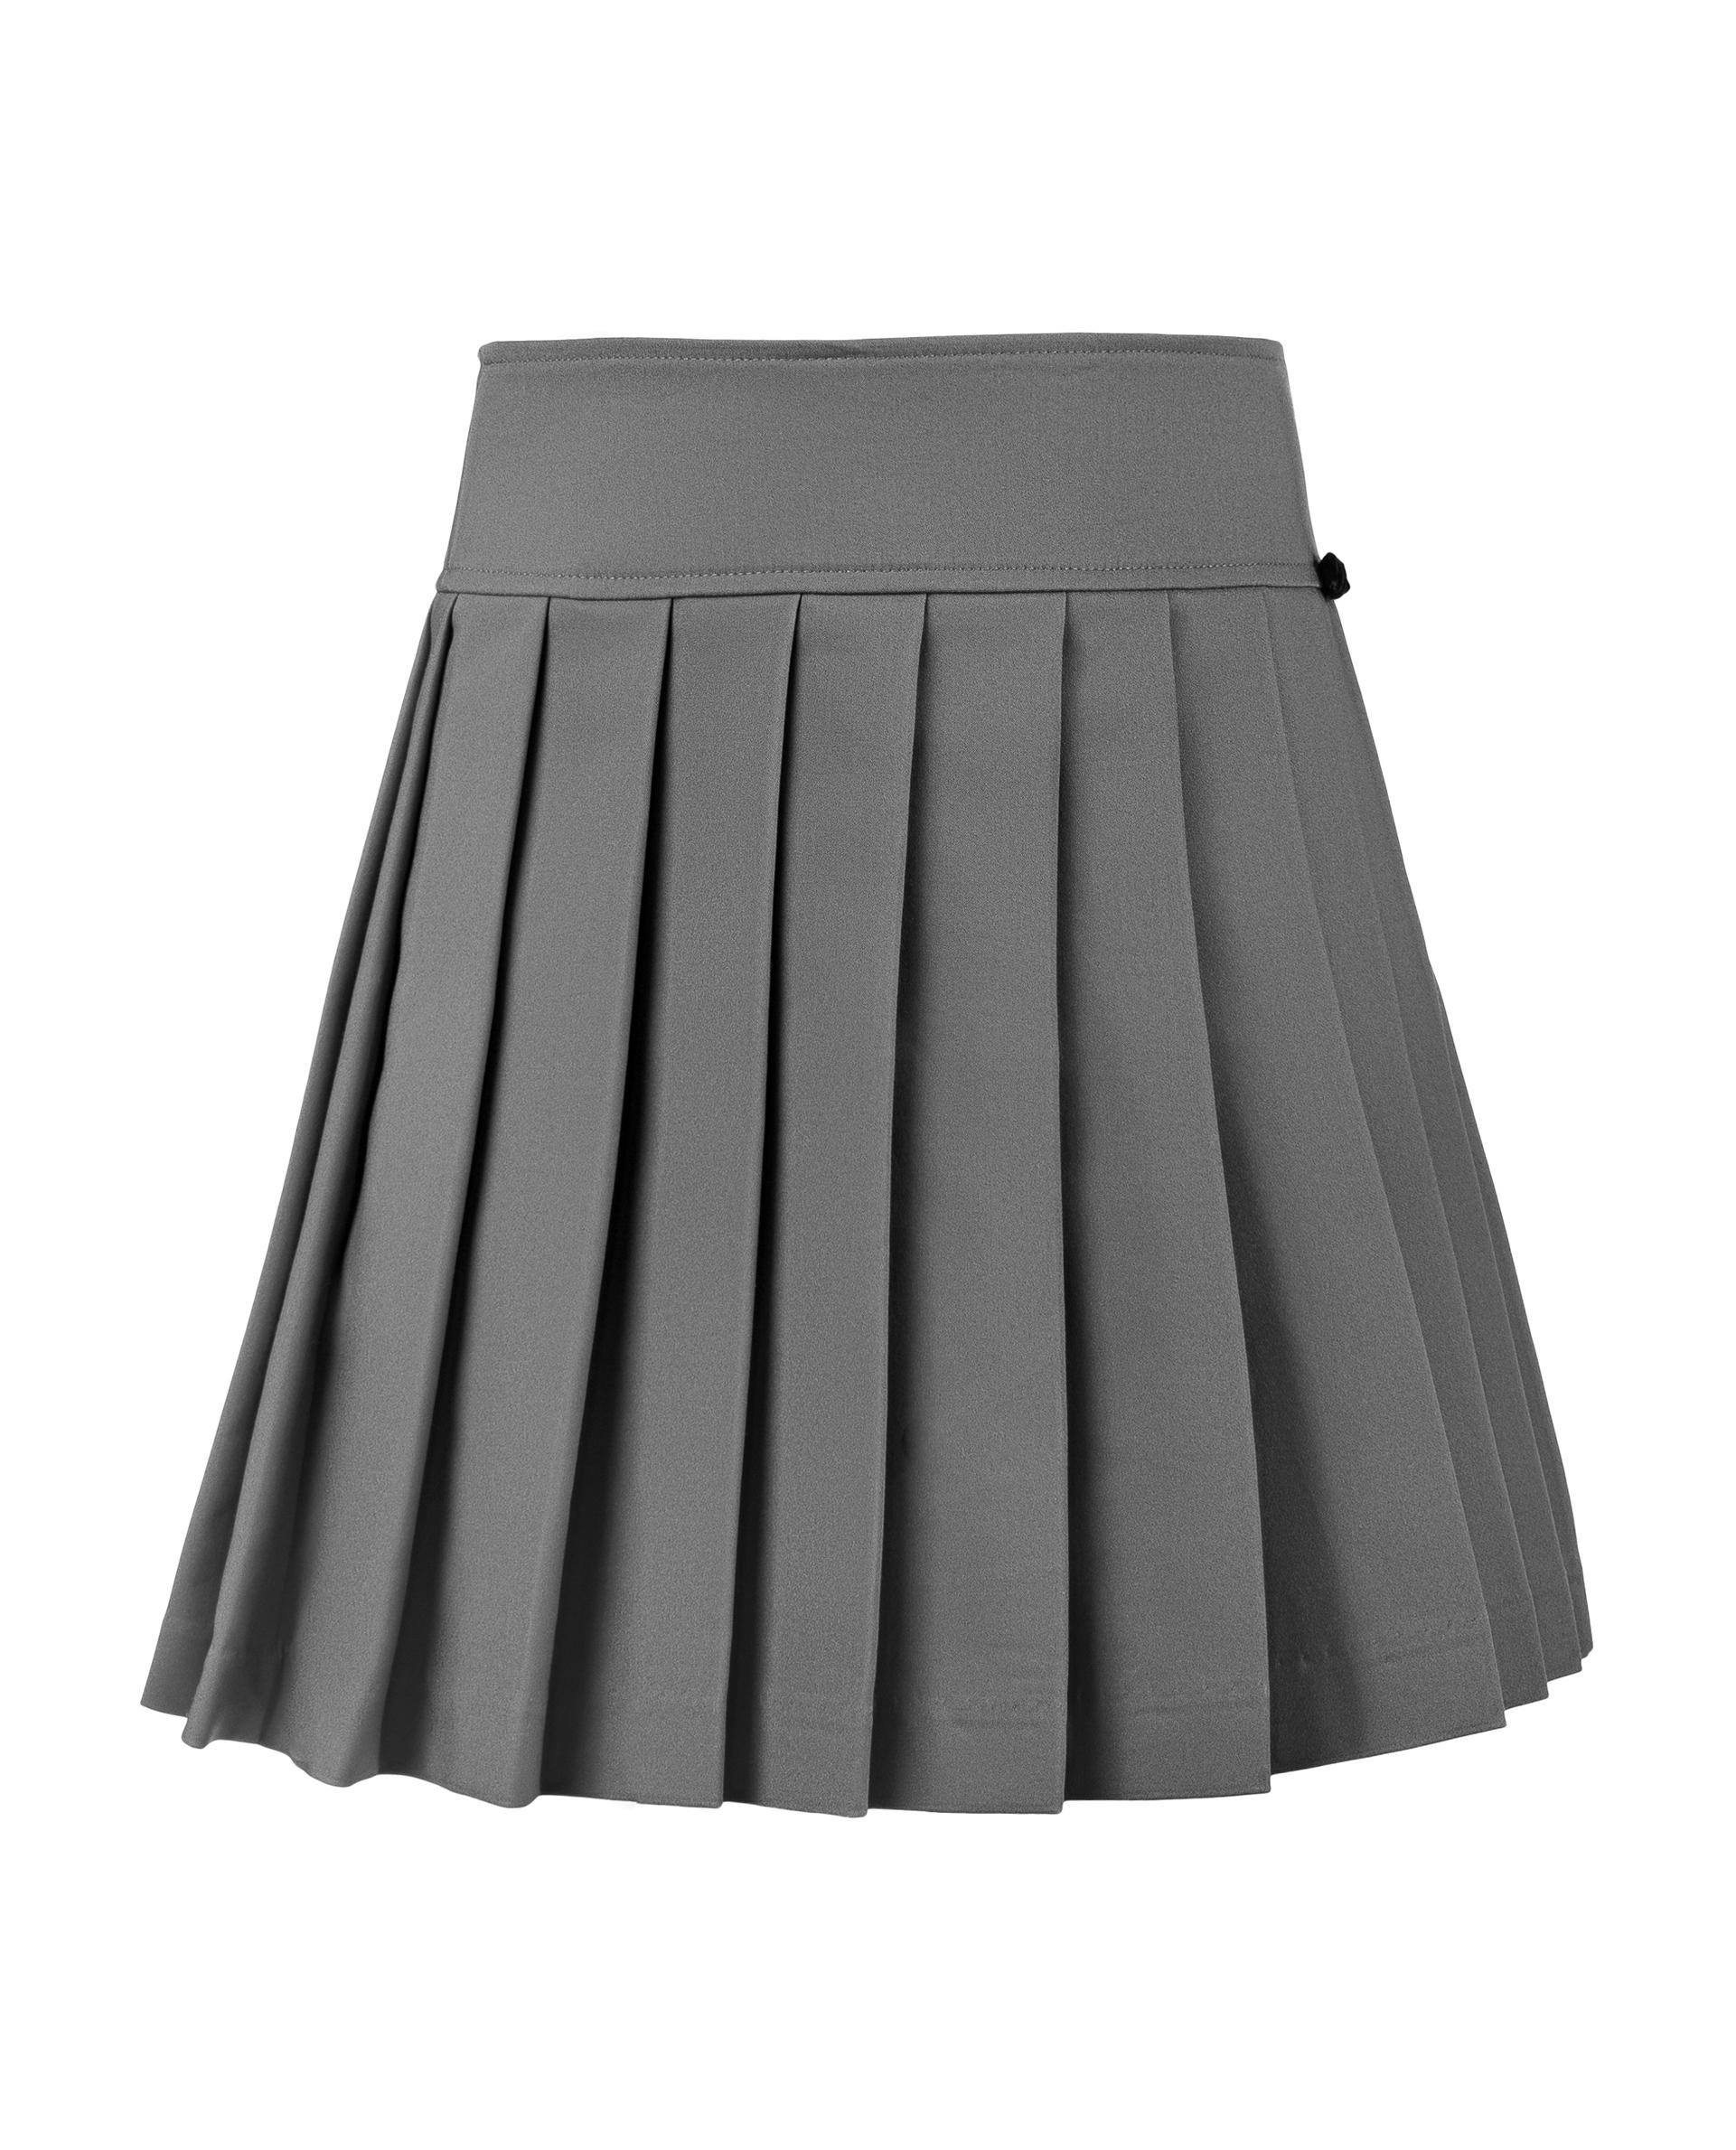 Серая юбка в складку Gulliver 219GSGC6103 серого цвета